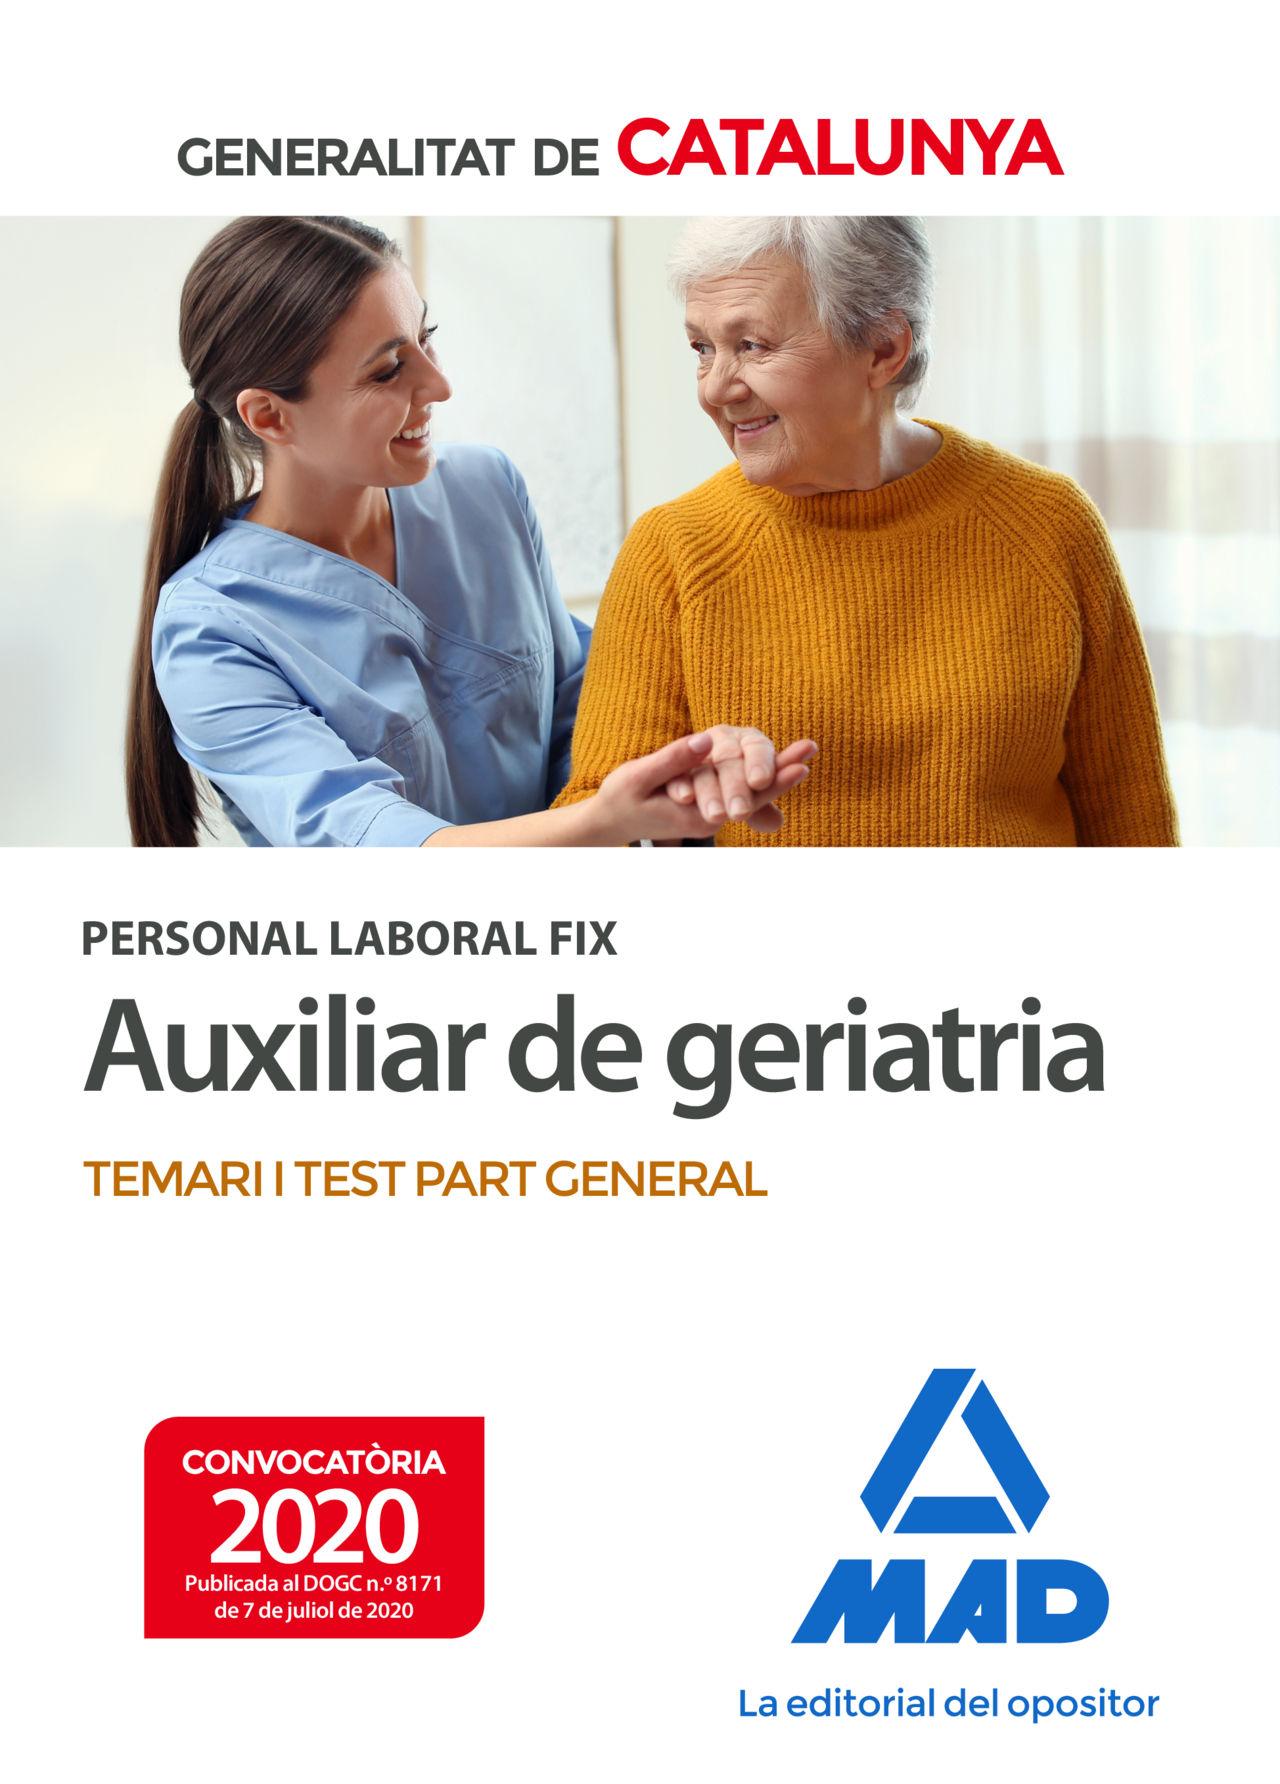 PERSONAL LABORAL FIX D'AUXILIAR DE GERIATRIA DE LA GENERALITAT DE CATALUNYA. TEM